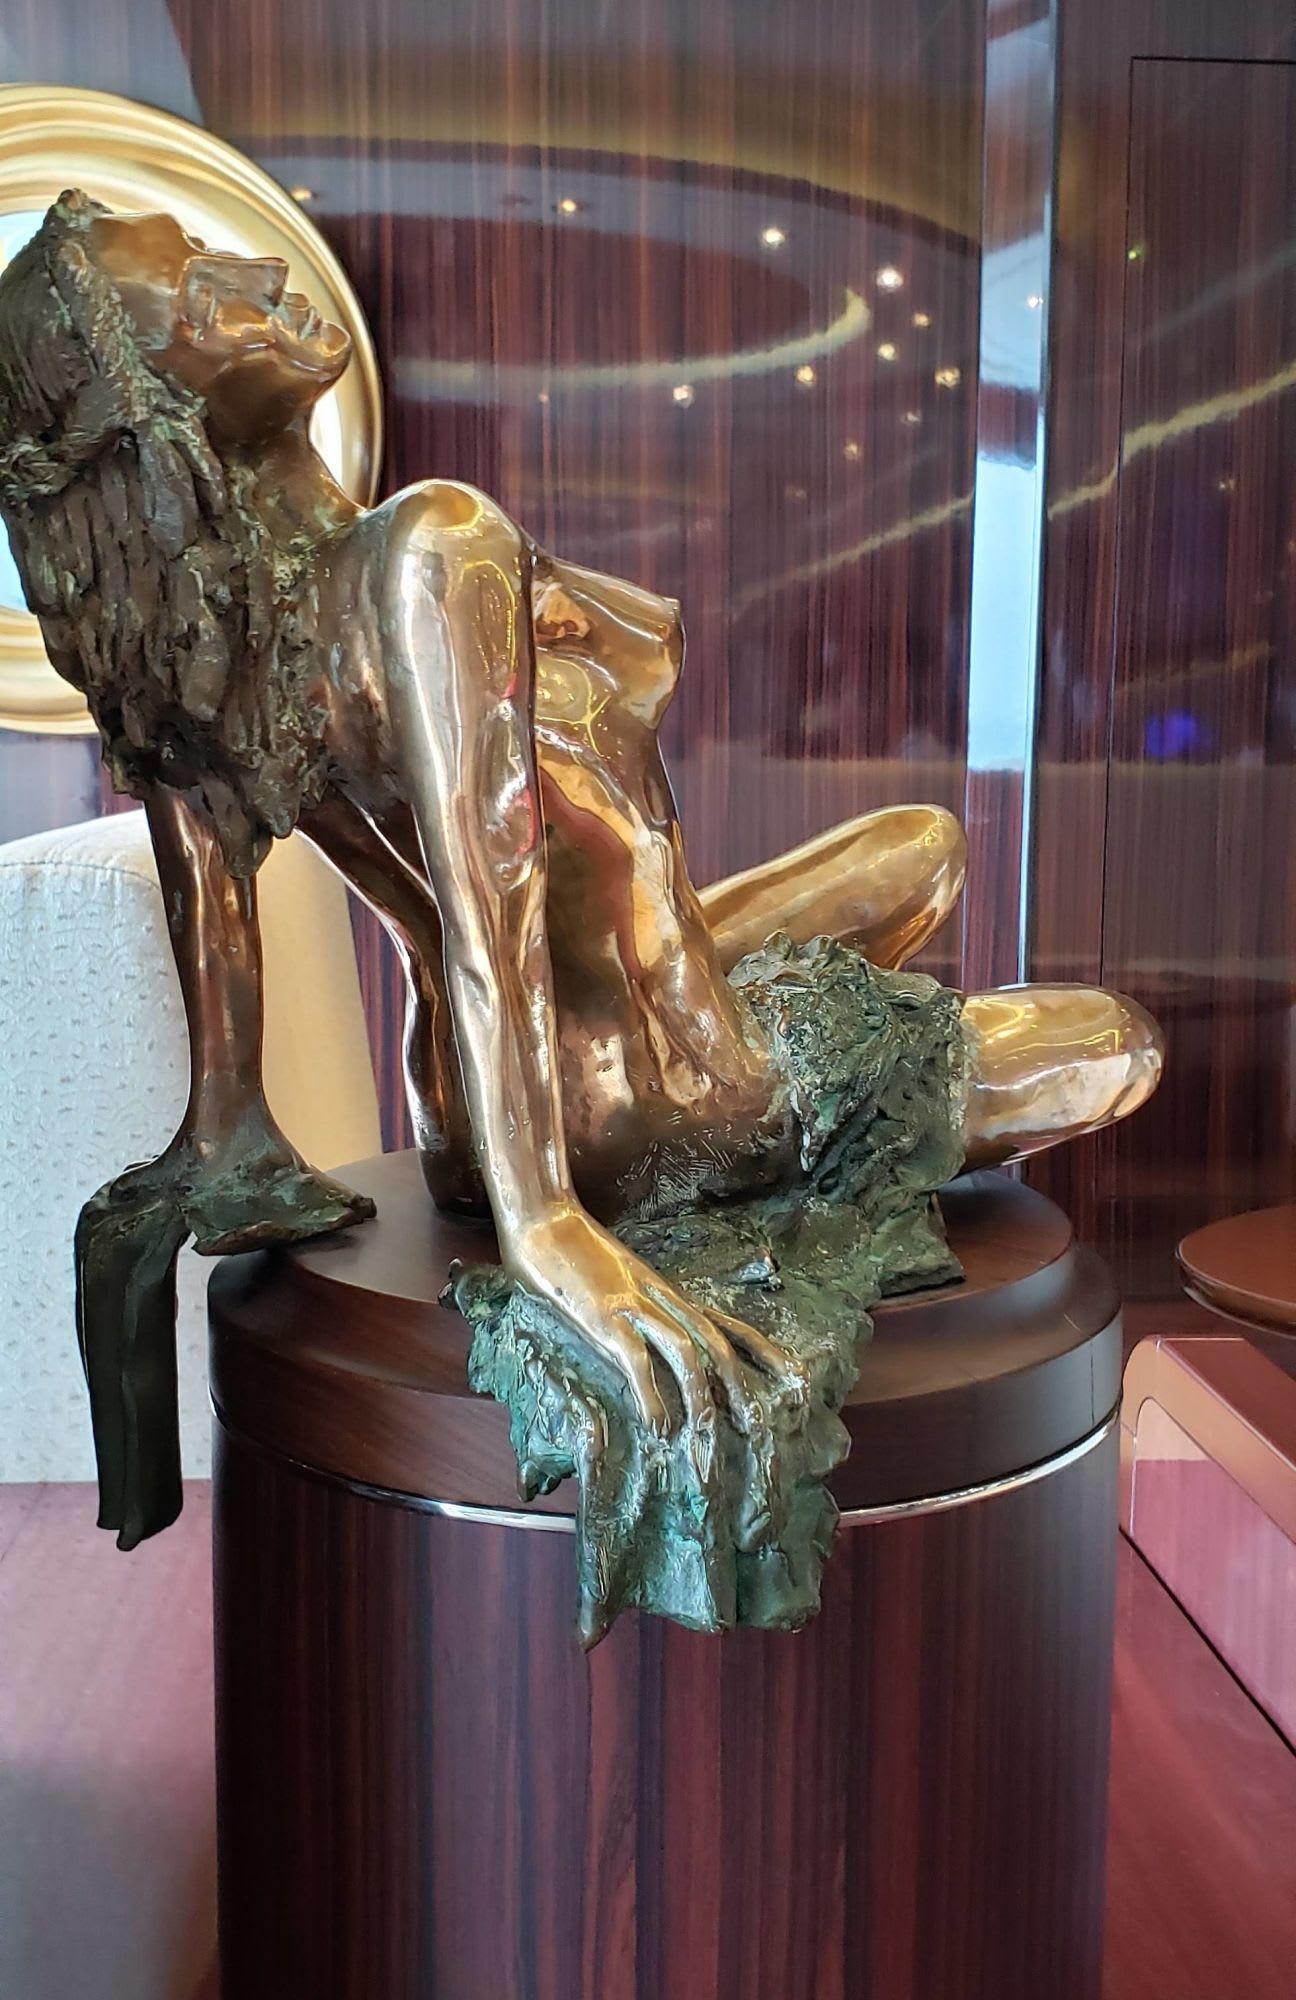 グランドバー・ピアッツァに並ぶ彫刻